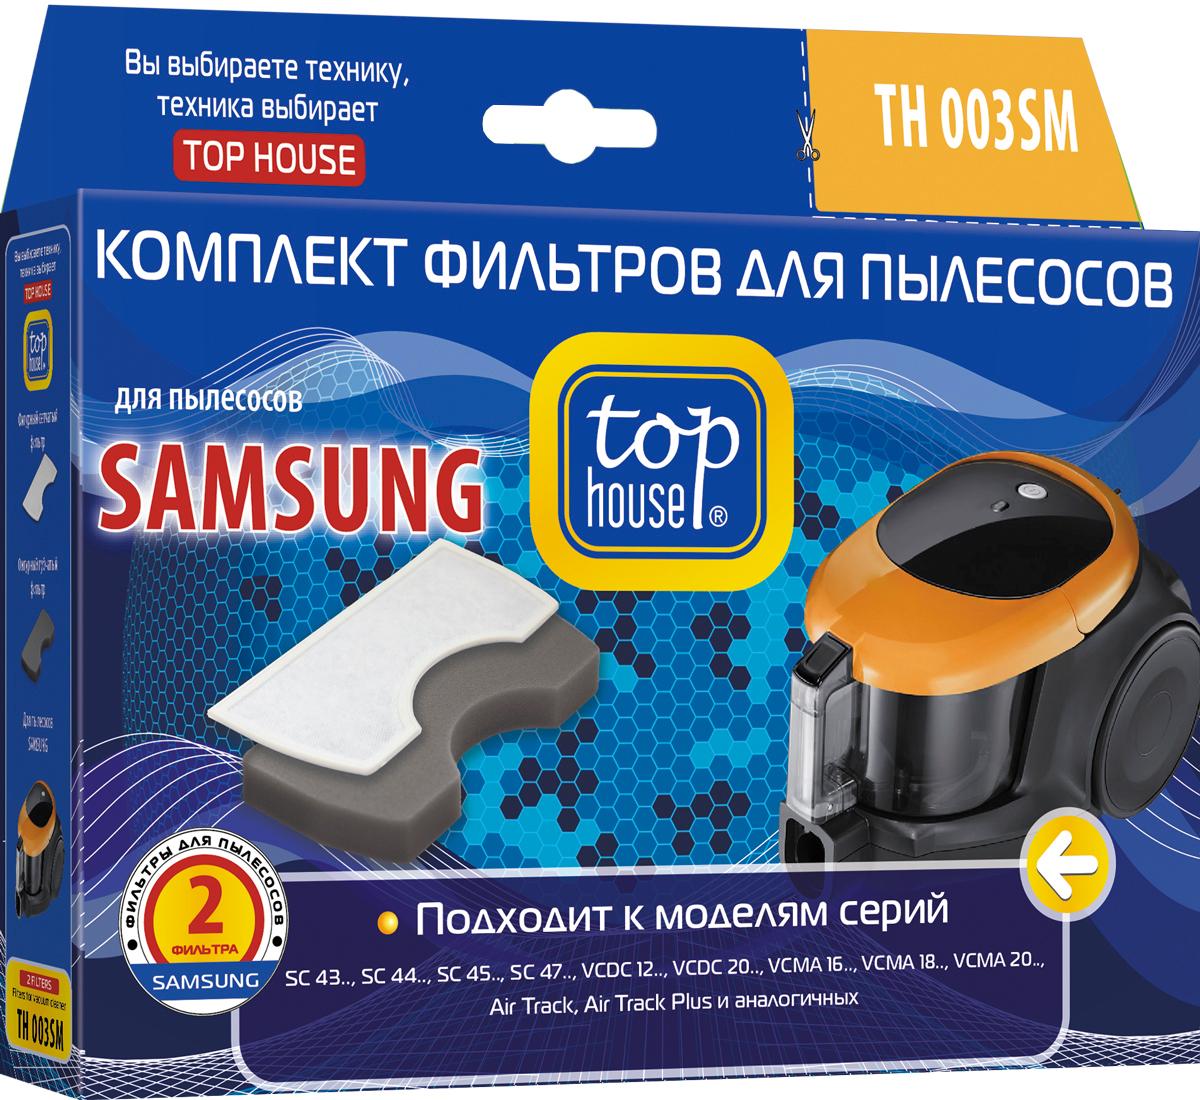 Top House TH 003SM комплект фильтров для пылесосов Samsung, 2 шт392838Комплект фильтров Top House TH 003SM для пылесосов Samsung, задерживают микрочастицы пыли. Служат для защиты мотора и электронных схем пылесоса от мелкодисперсной пыли.